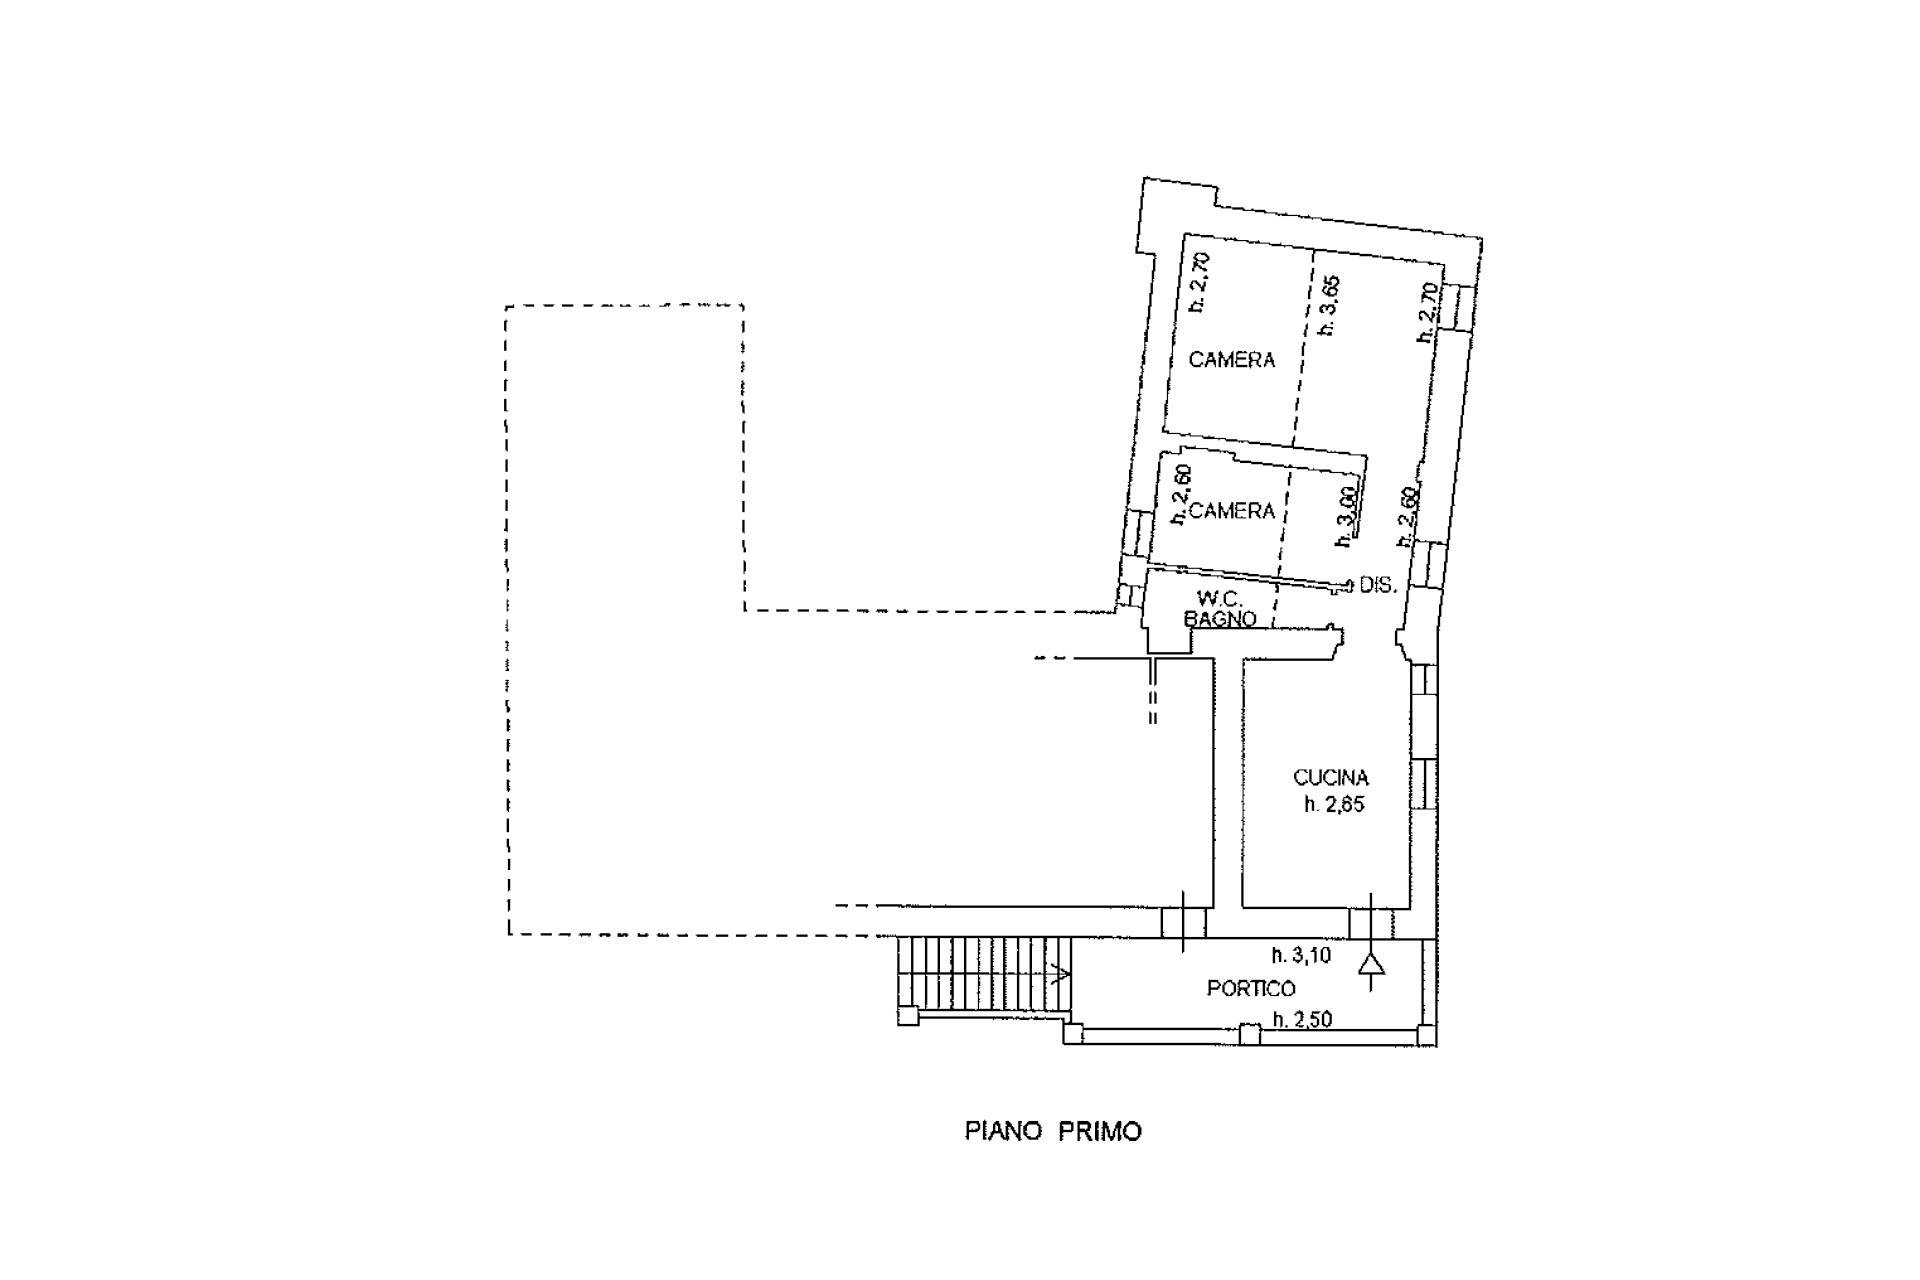 Planimetria appartamento piano primo